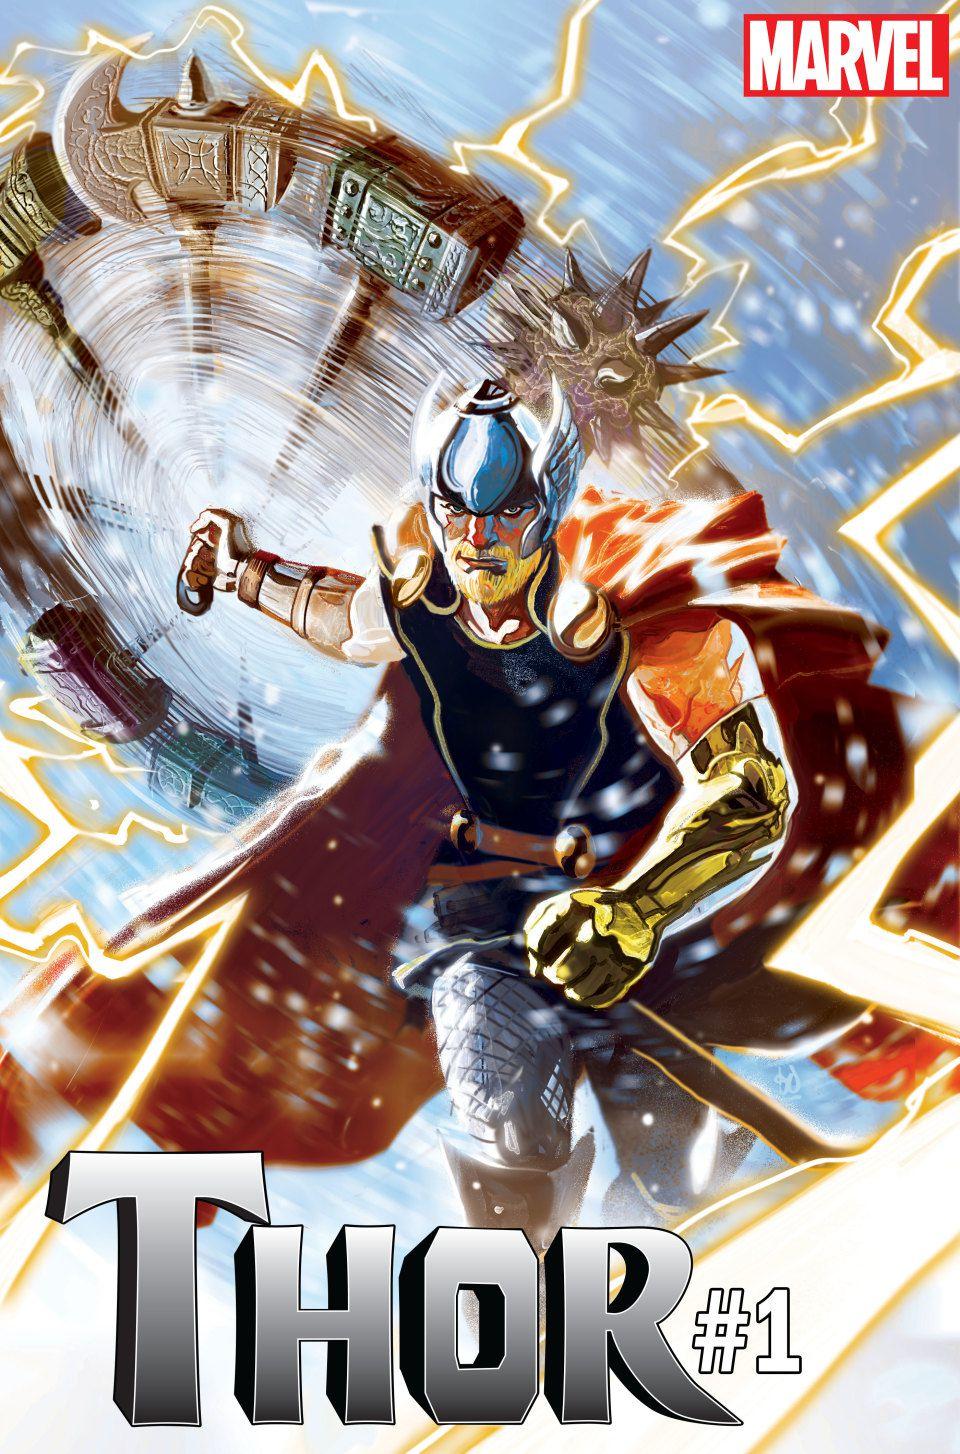 Marvel将在Thor#1中再次让Thor成为雷神之神